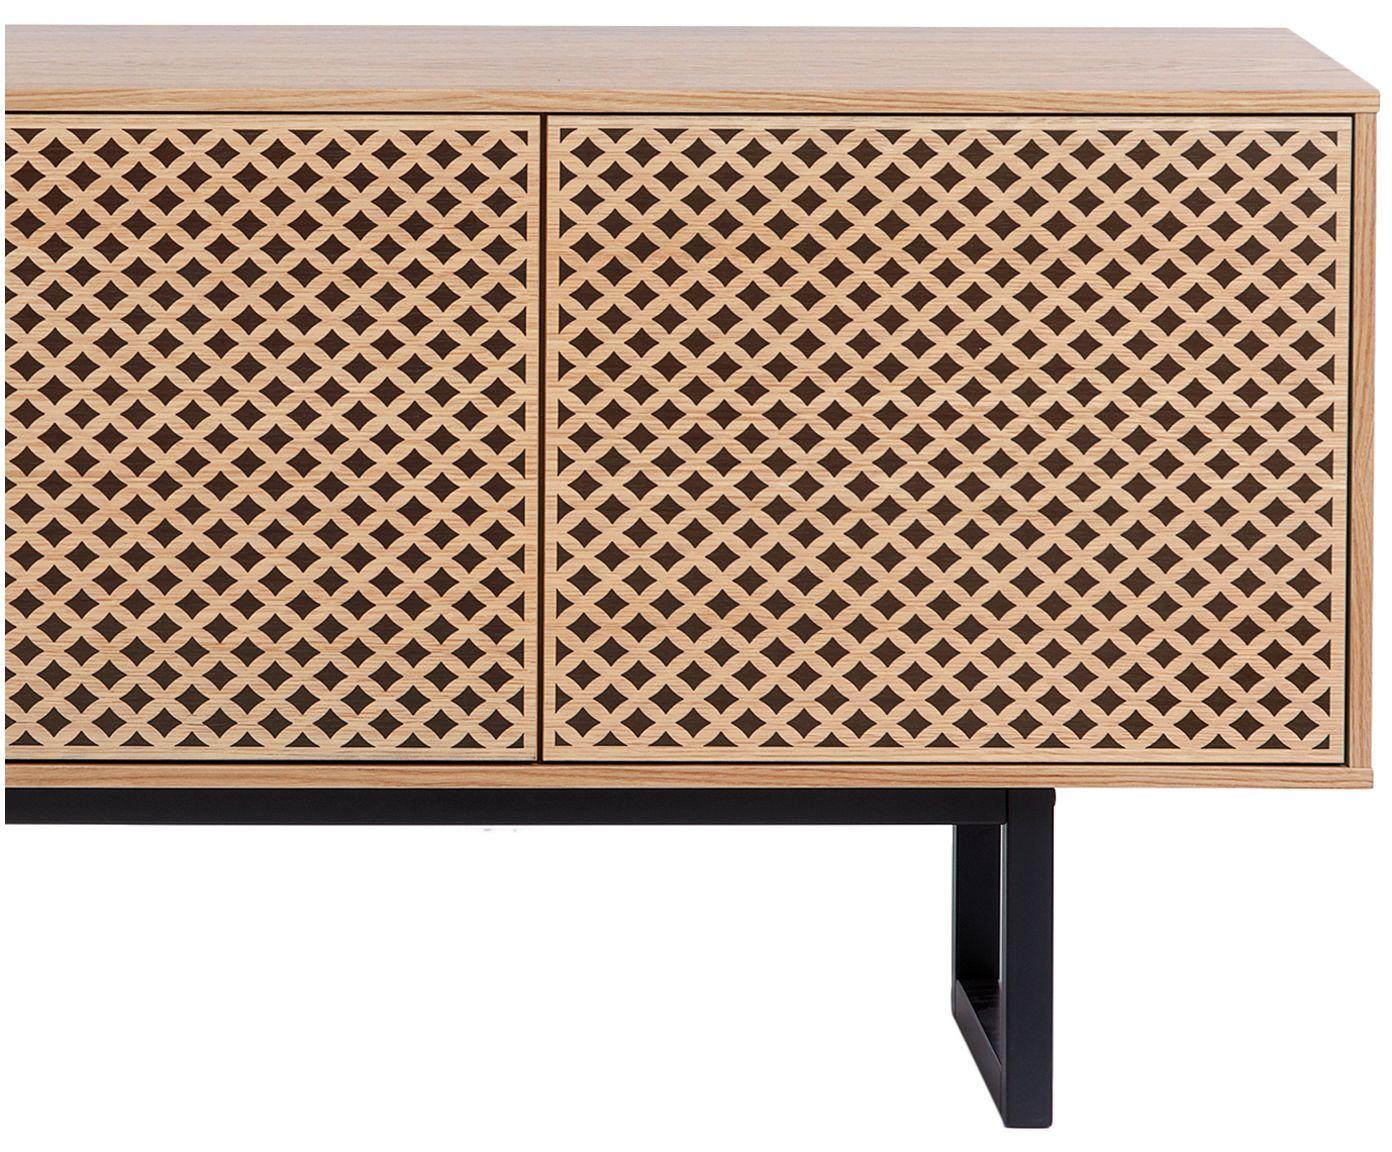 Credenza Di Design Con Finitura In Quercia Camden Westwingnow Eiche Holz Sideboard Furnier